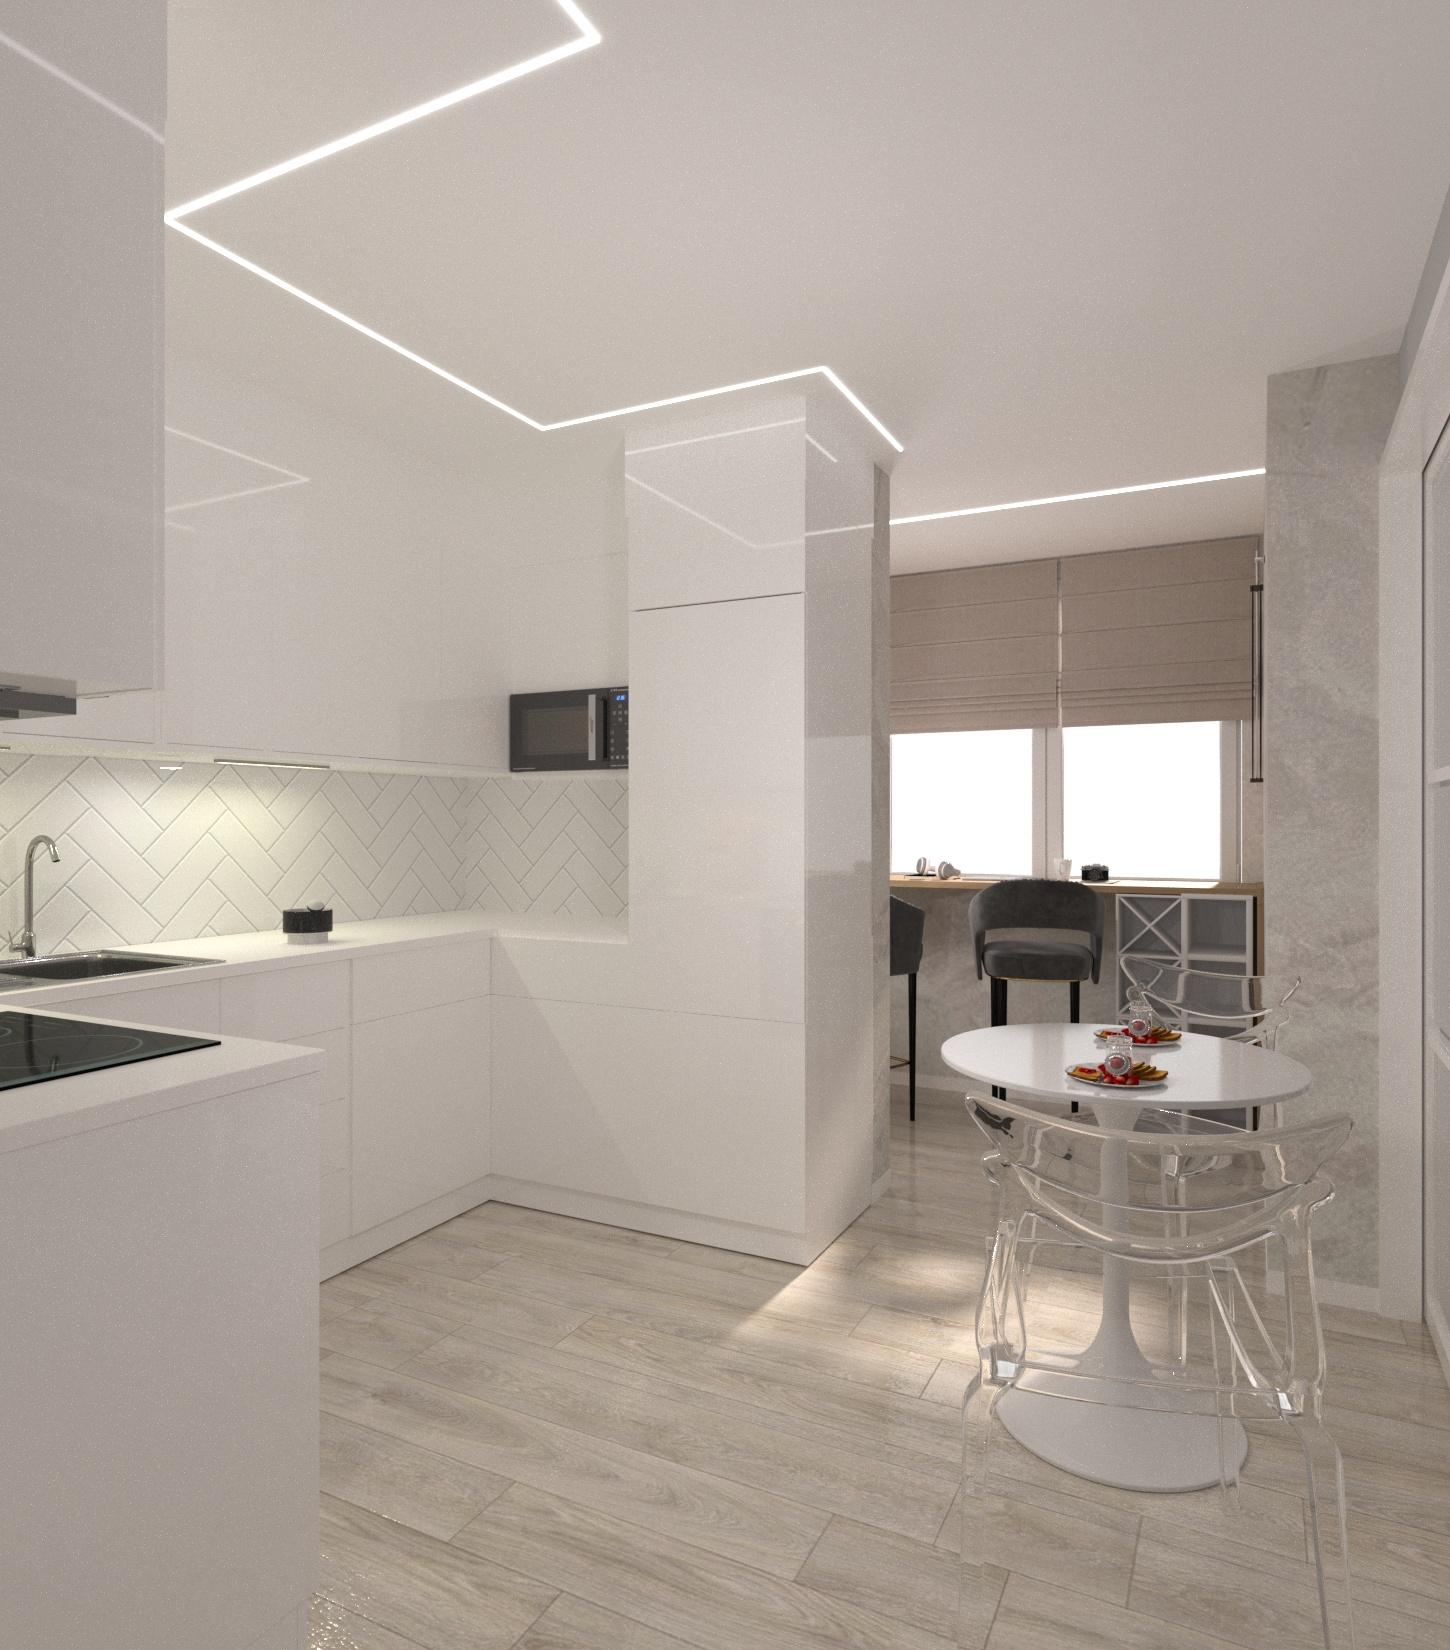 Проект квартири 47,5 кв.м по вул. Проскуровського Підпілля 165а - фото 8